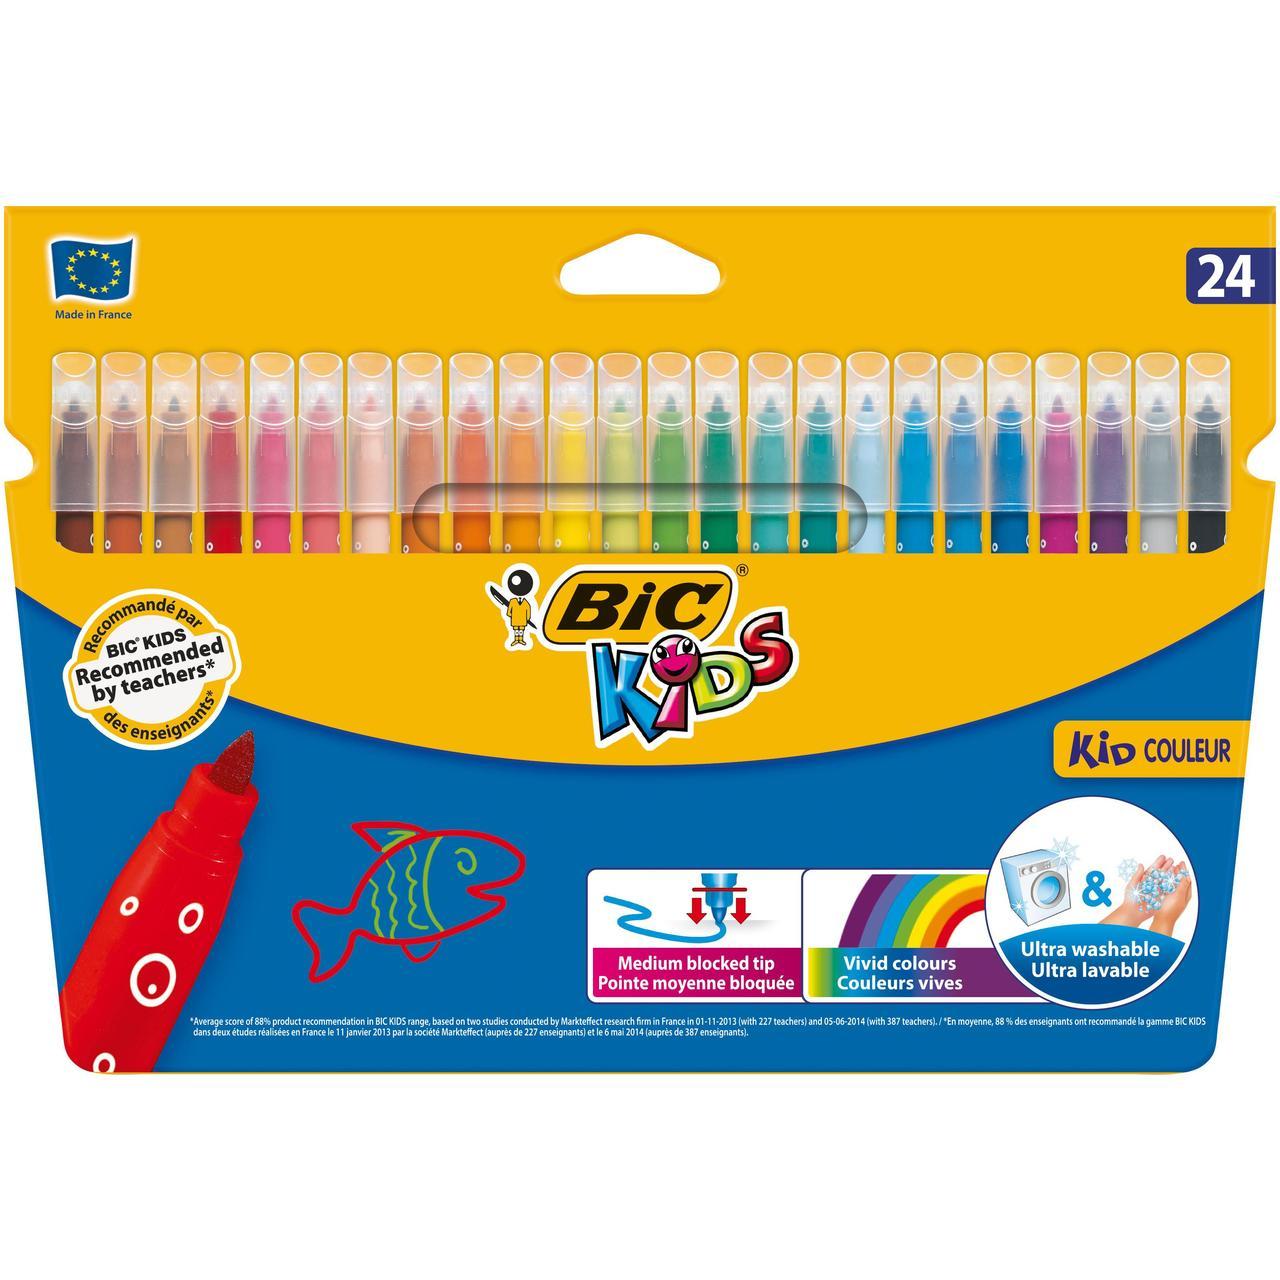 Bic Kids Felt Tip Pens 24 pack - £2.50 @ Morrisons